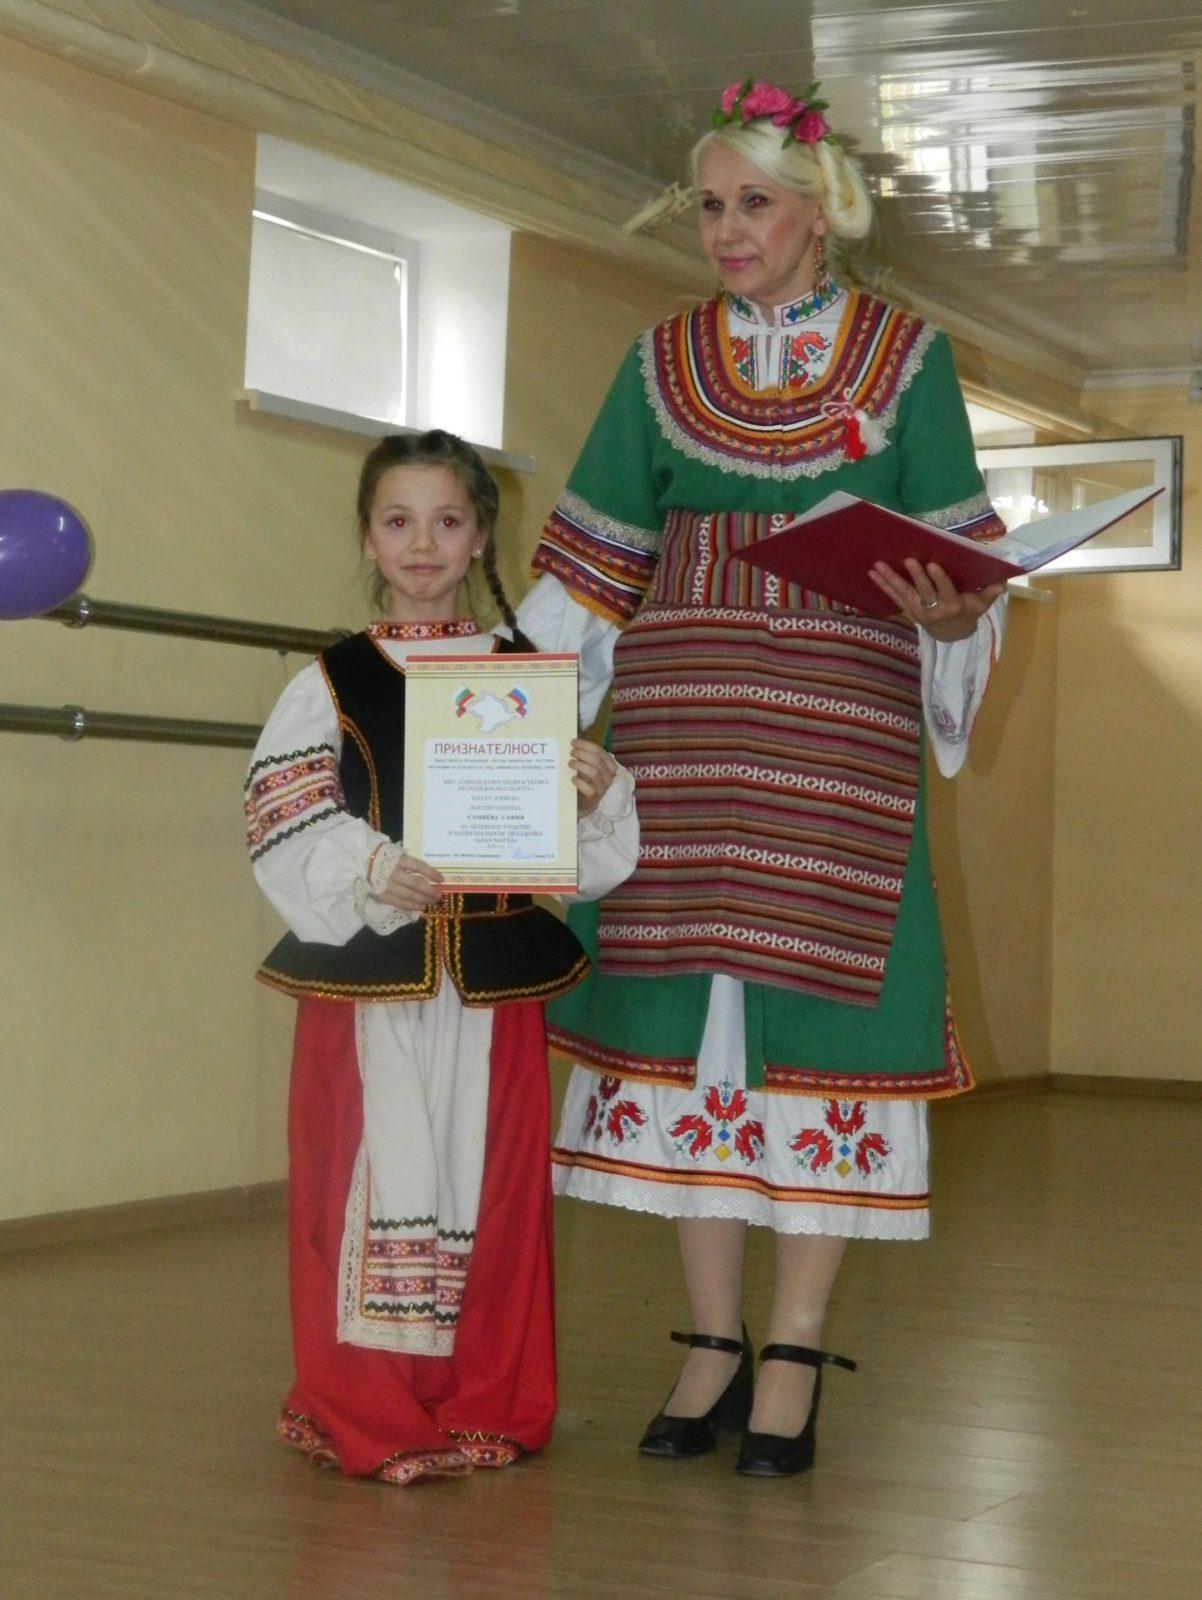 Честита Баба Марта! Проводы зимы по-болгарски